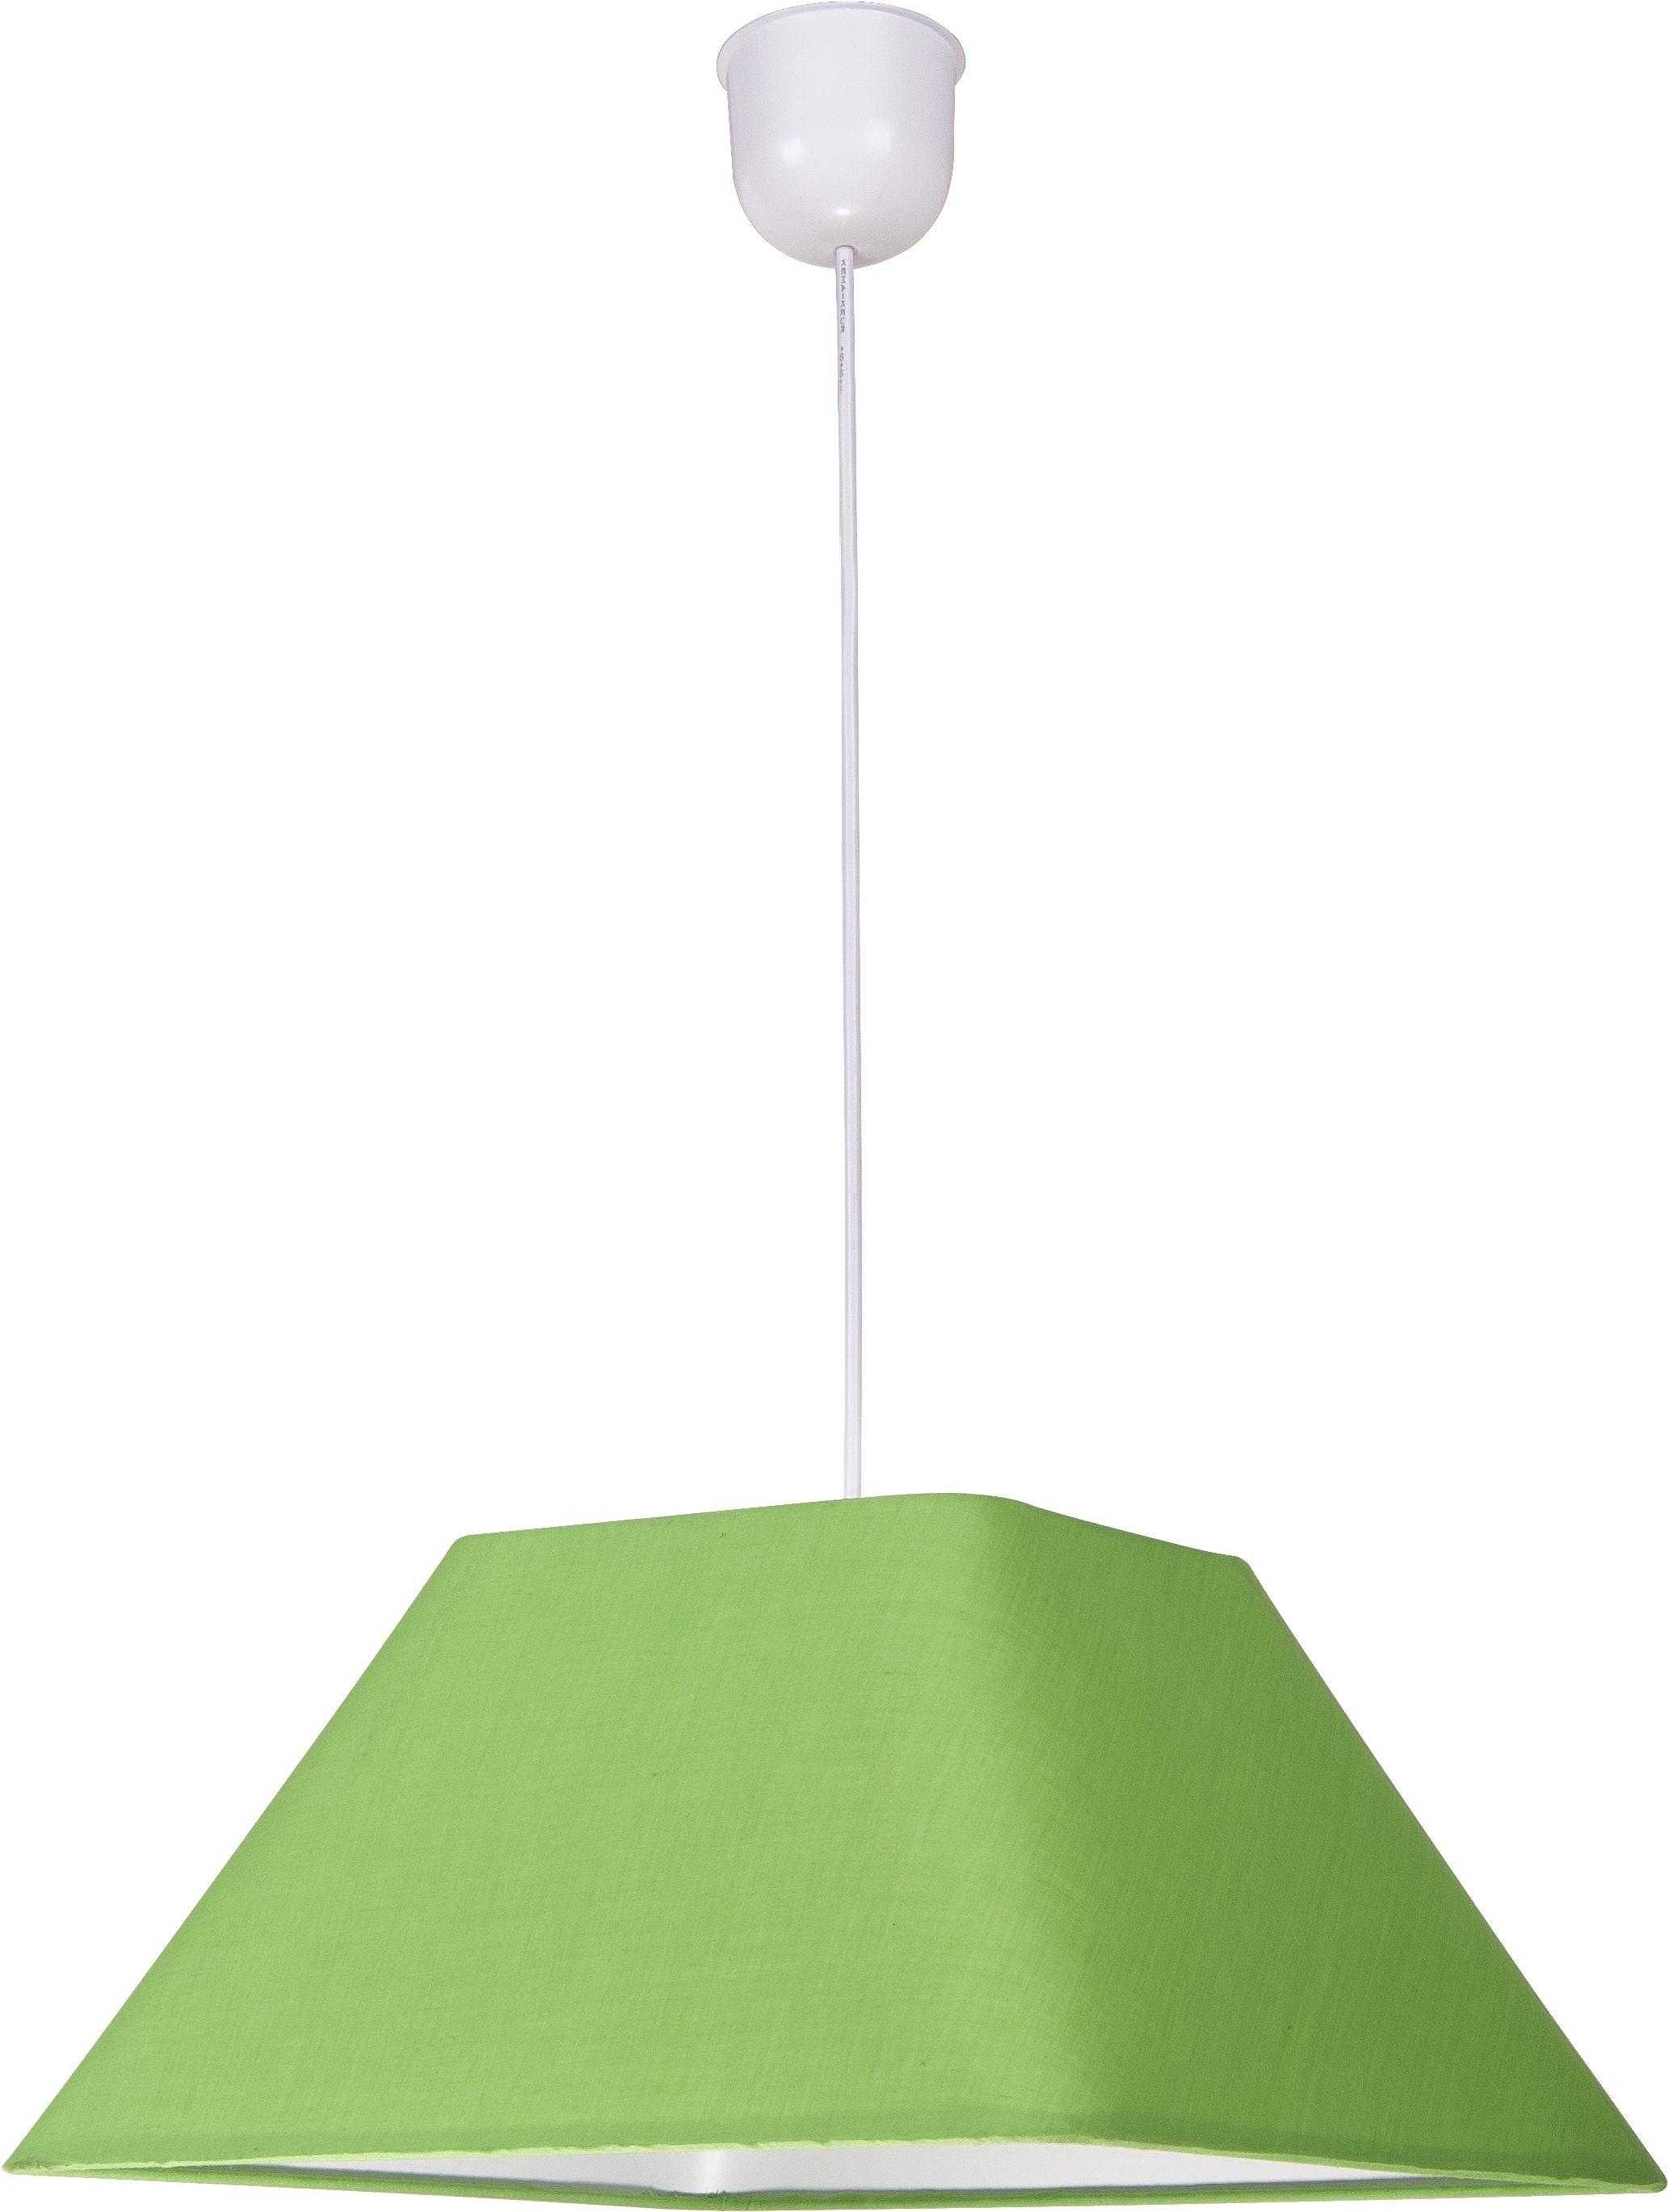 Candellux ROBIN 31-03263 lampa wisząca geometryczny kształt abażura z tkaniny zielonej 1X60W E27 35 cm